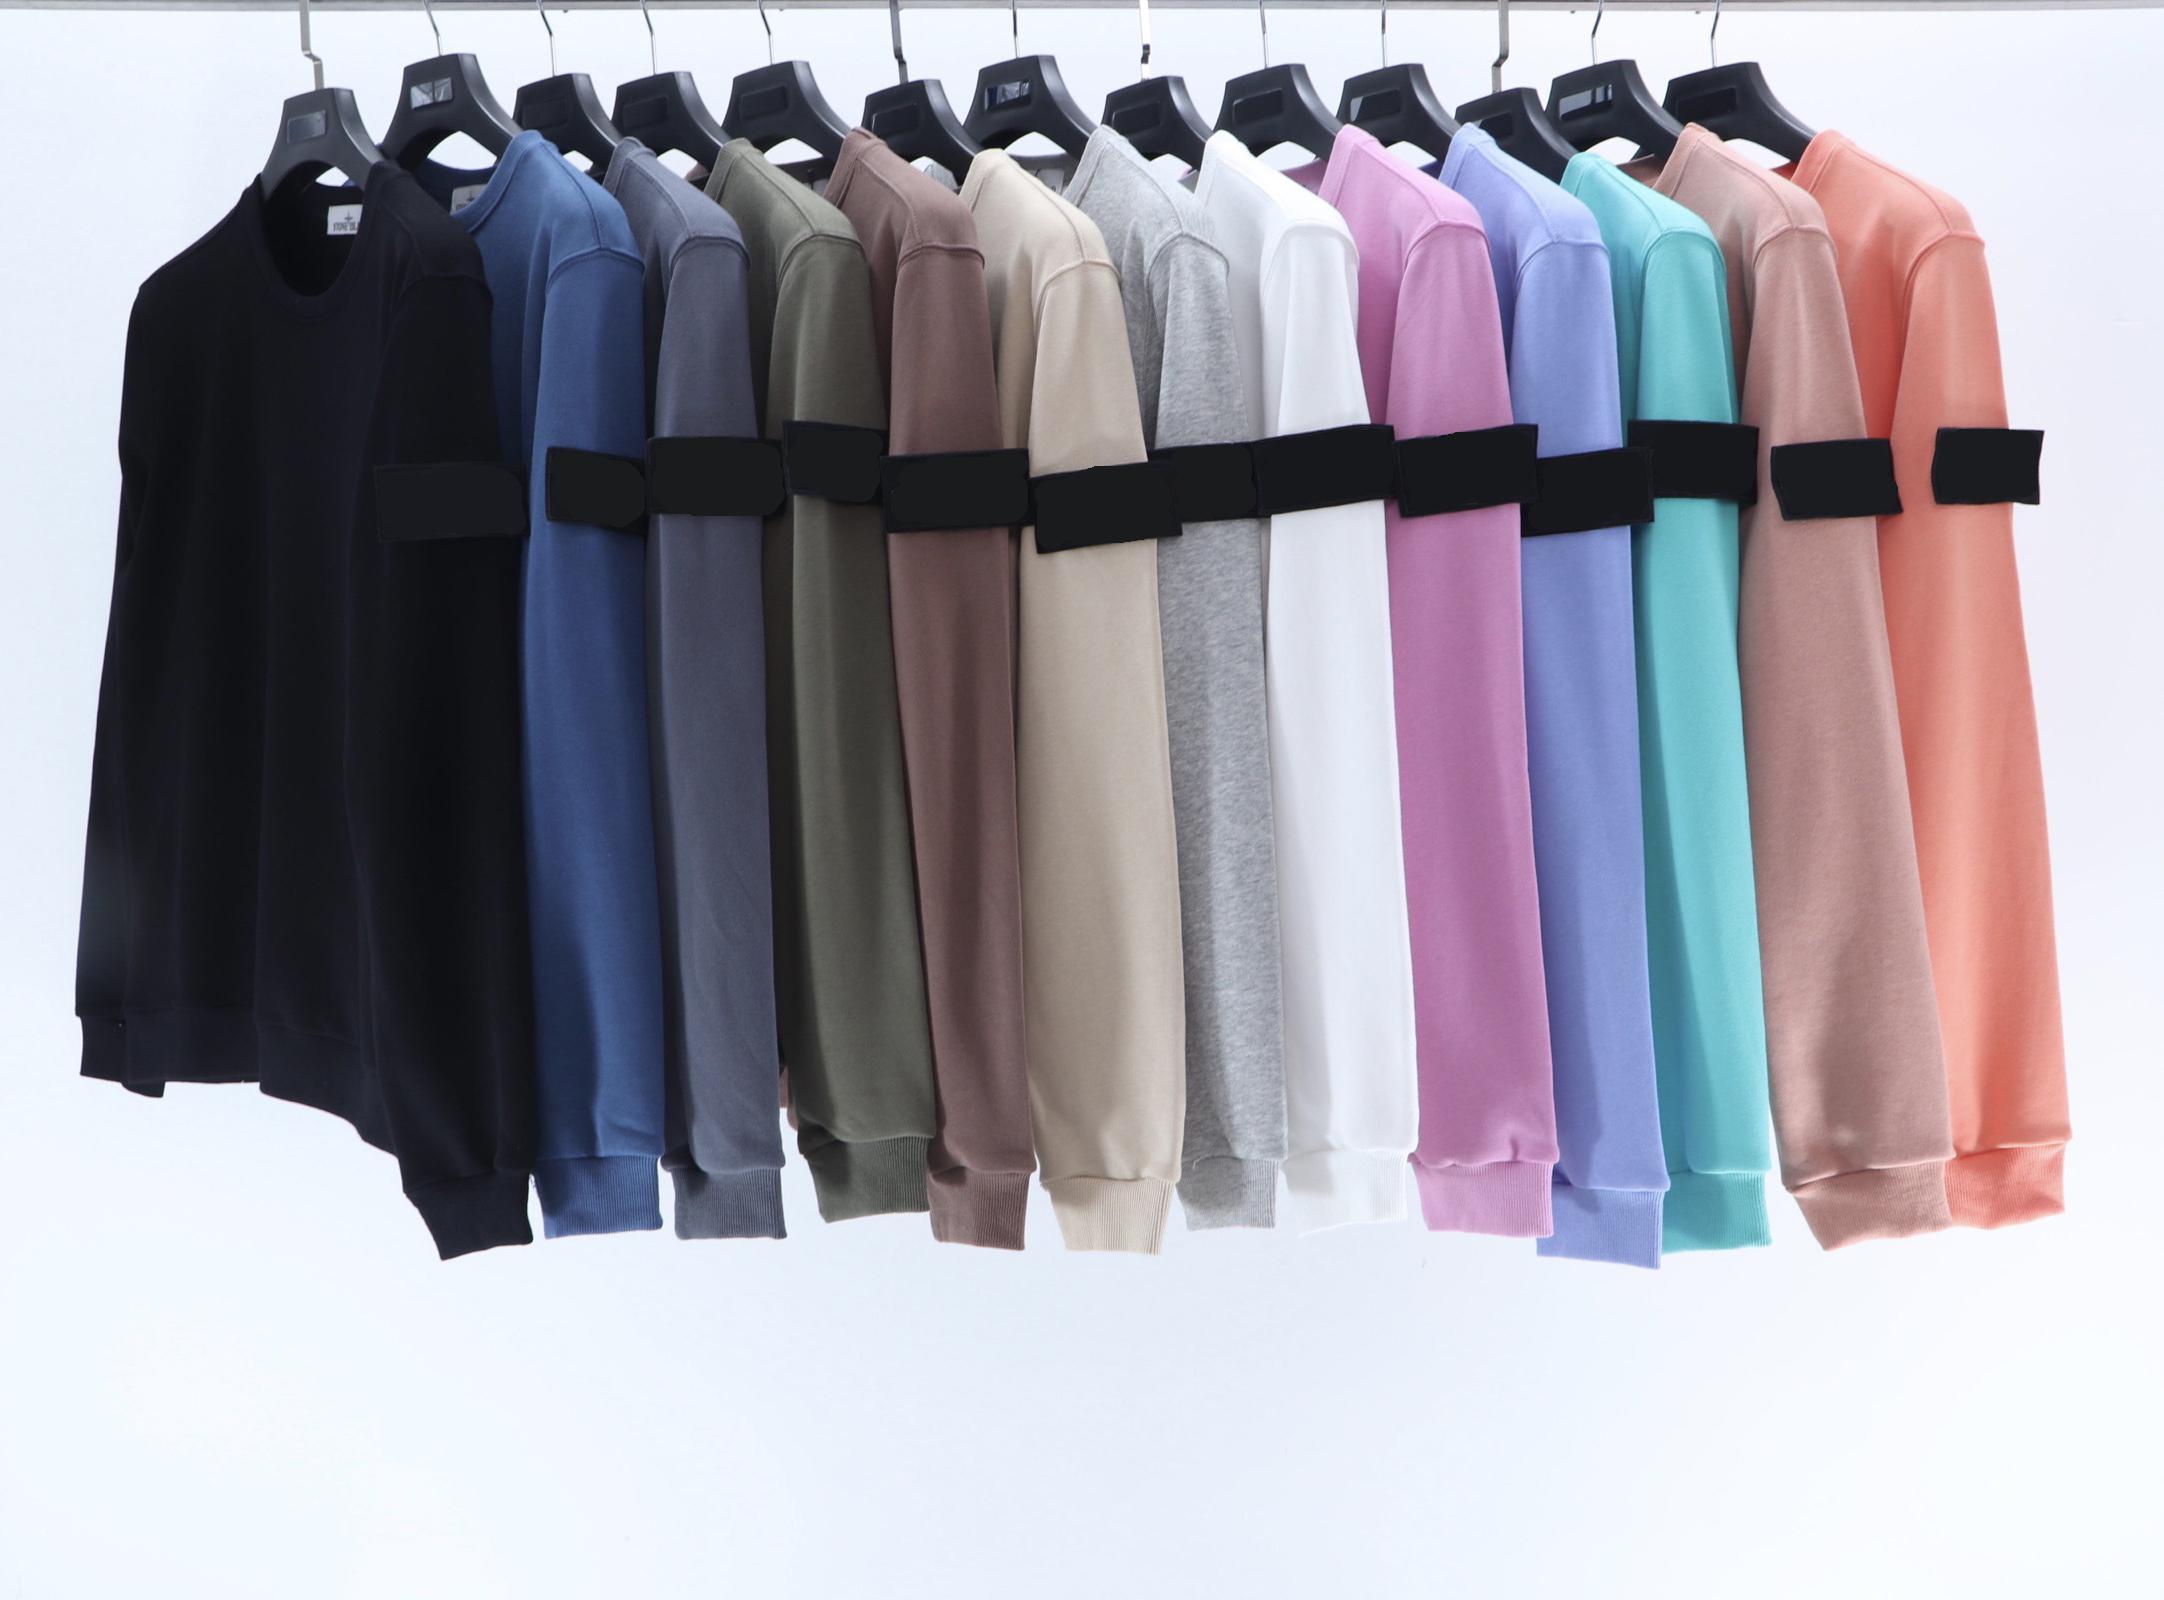 2020 رجال قميص من النوع الثقيل الشارع أزياء سترة الرقبة جولة جودة عالية المستوردة نسيج القطن الذراع مطرزة الديكور شارة حجم الآسيوية الطائر